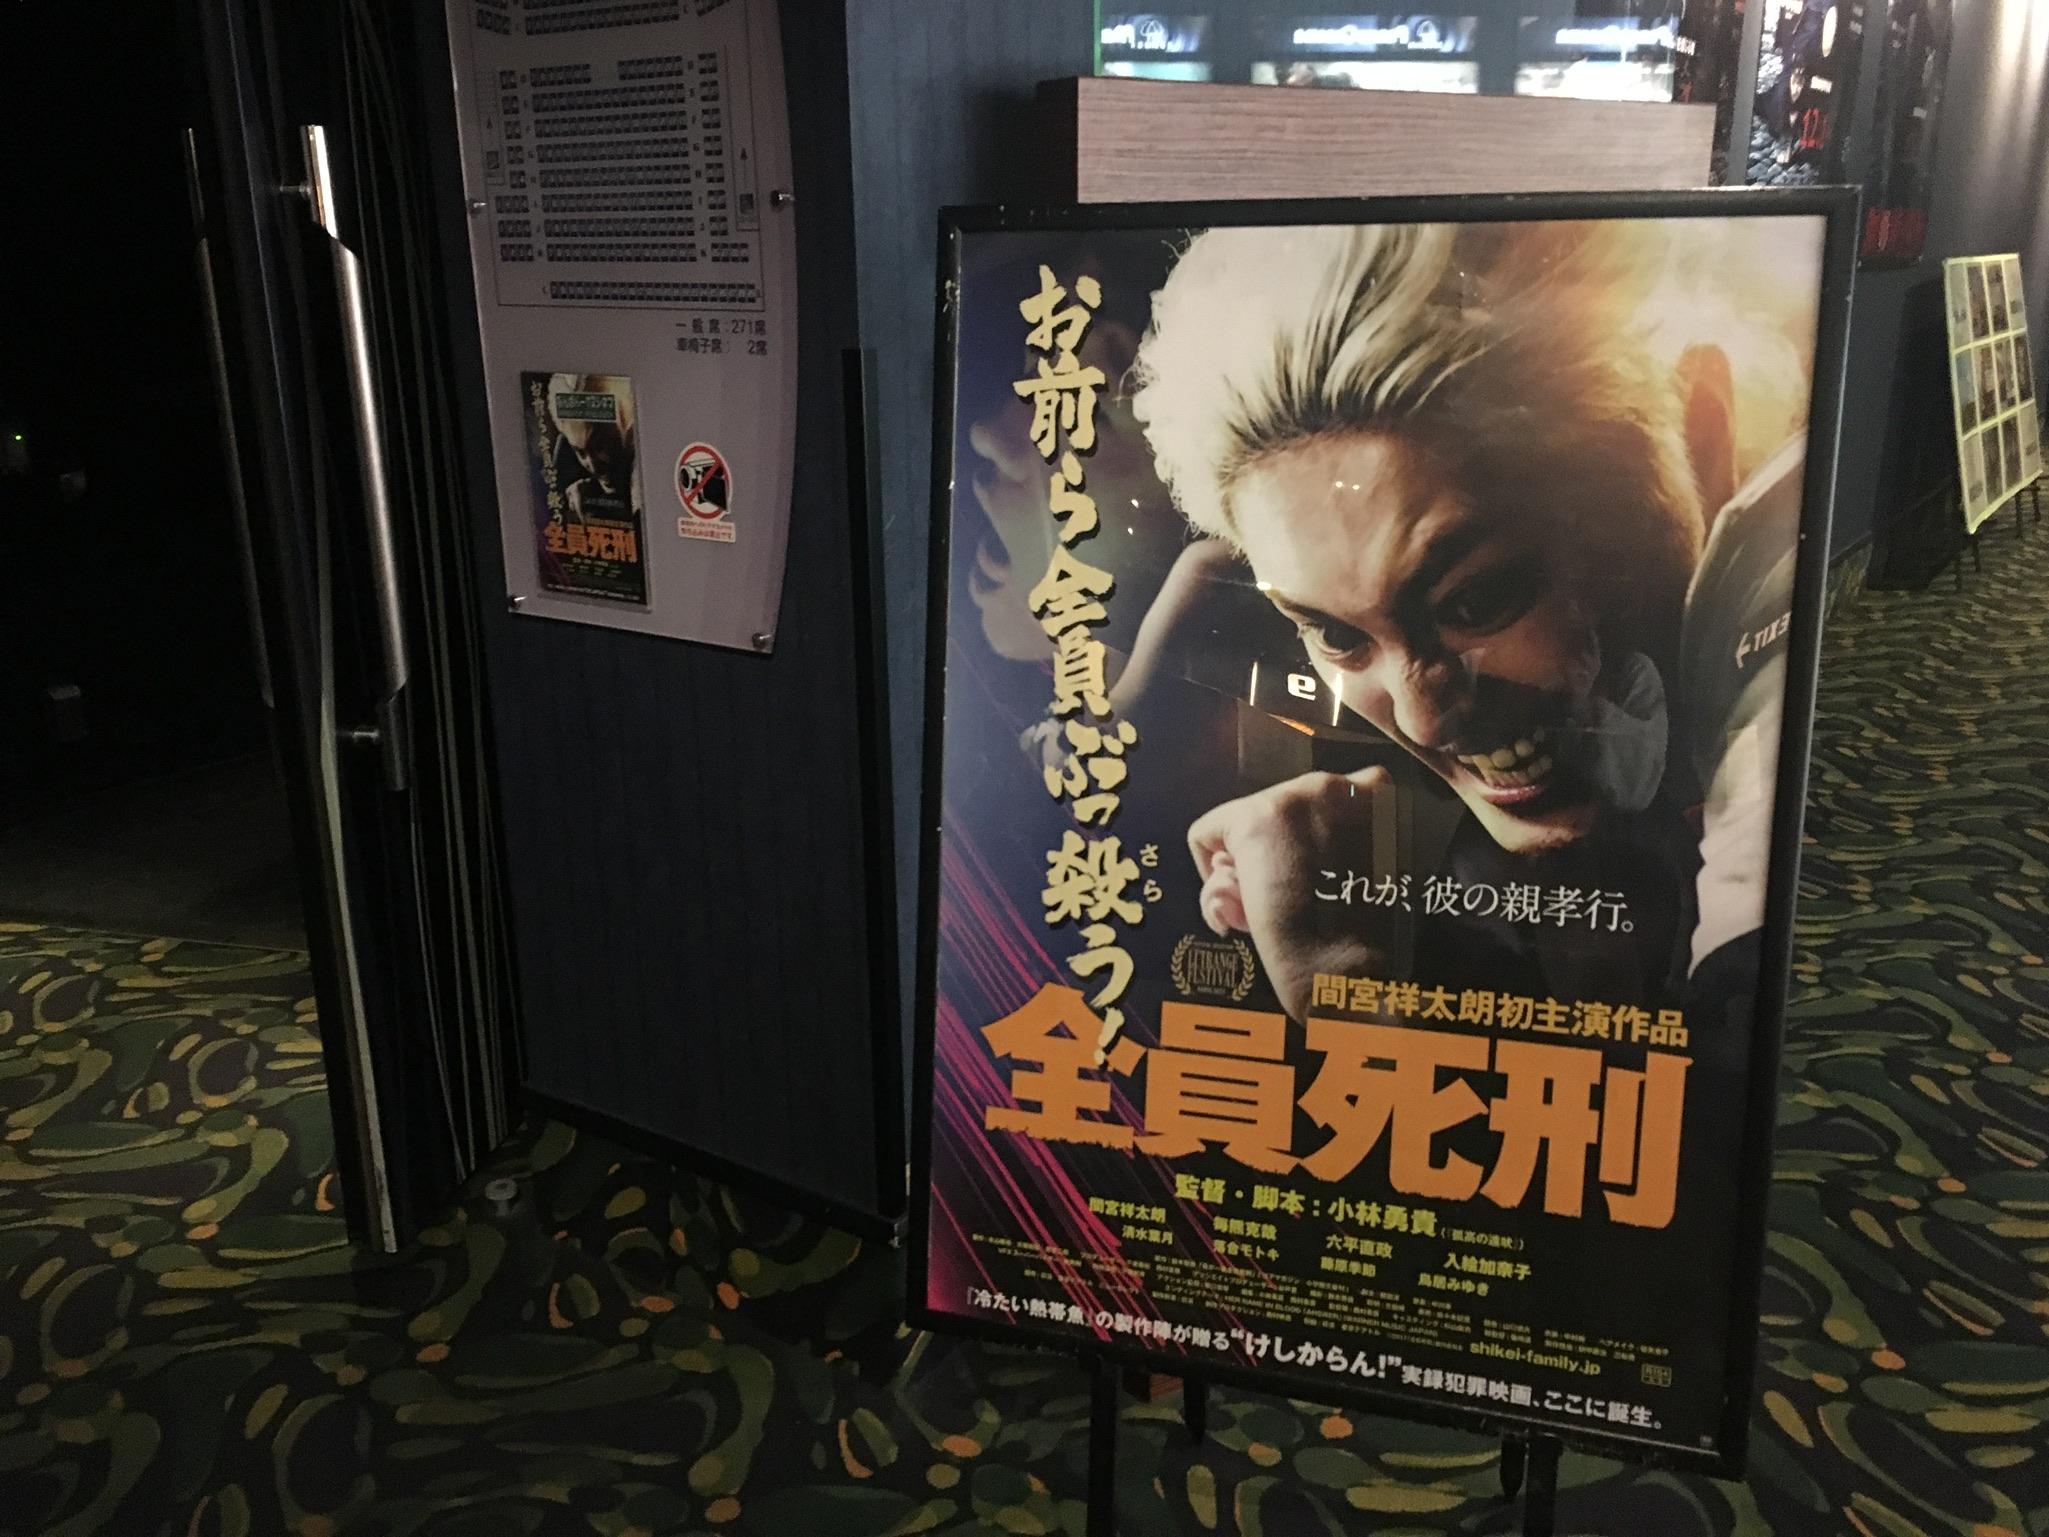 映画「全員死刑」の舞台挨拶に行ってきました!